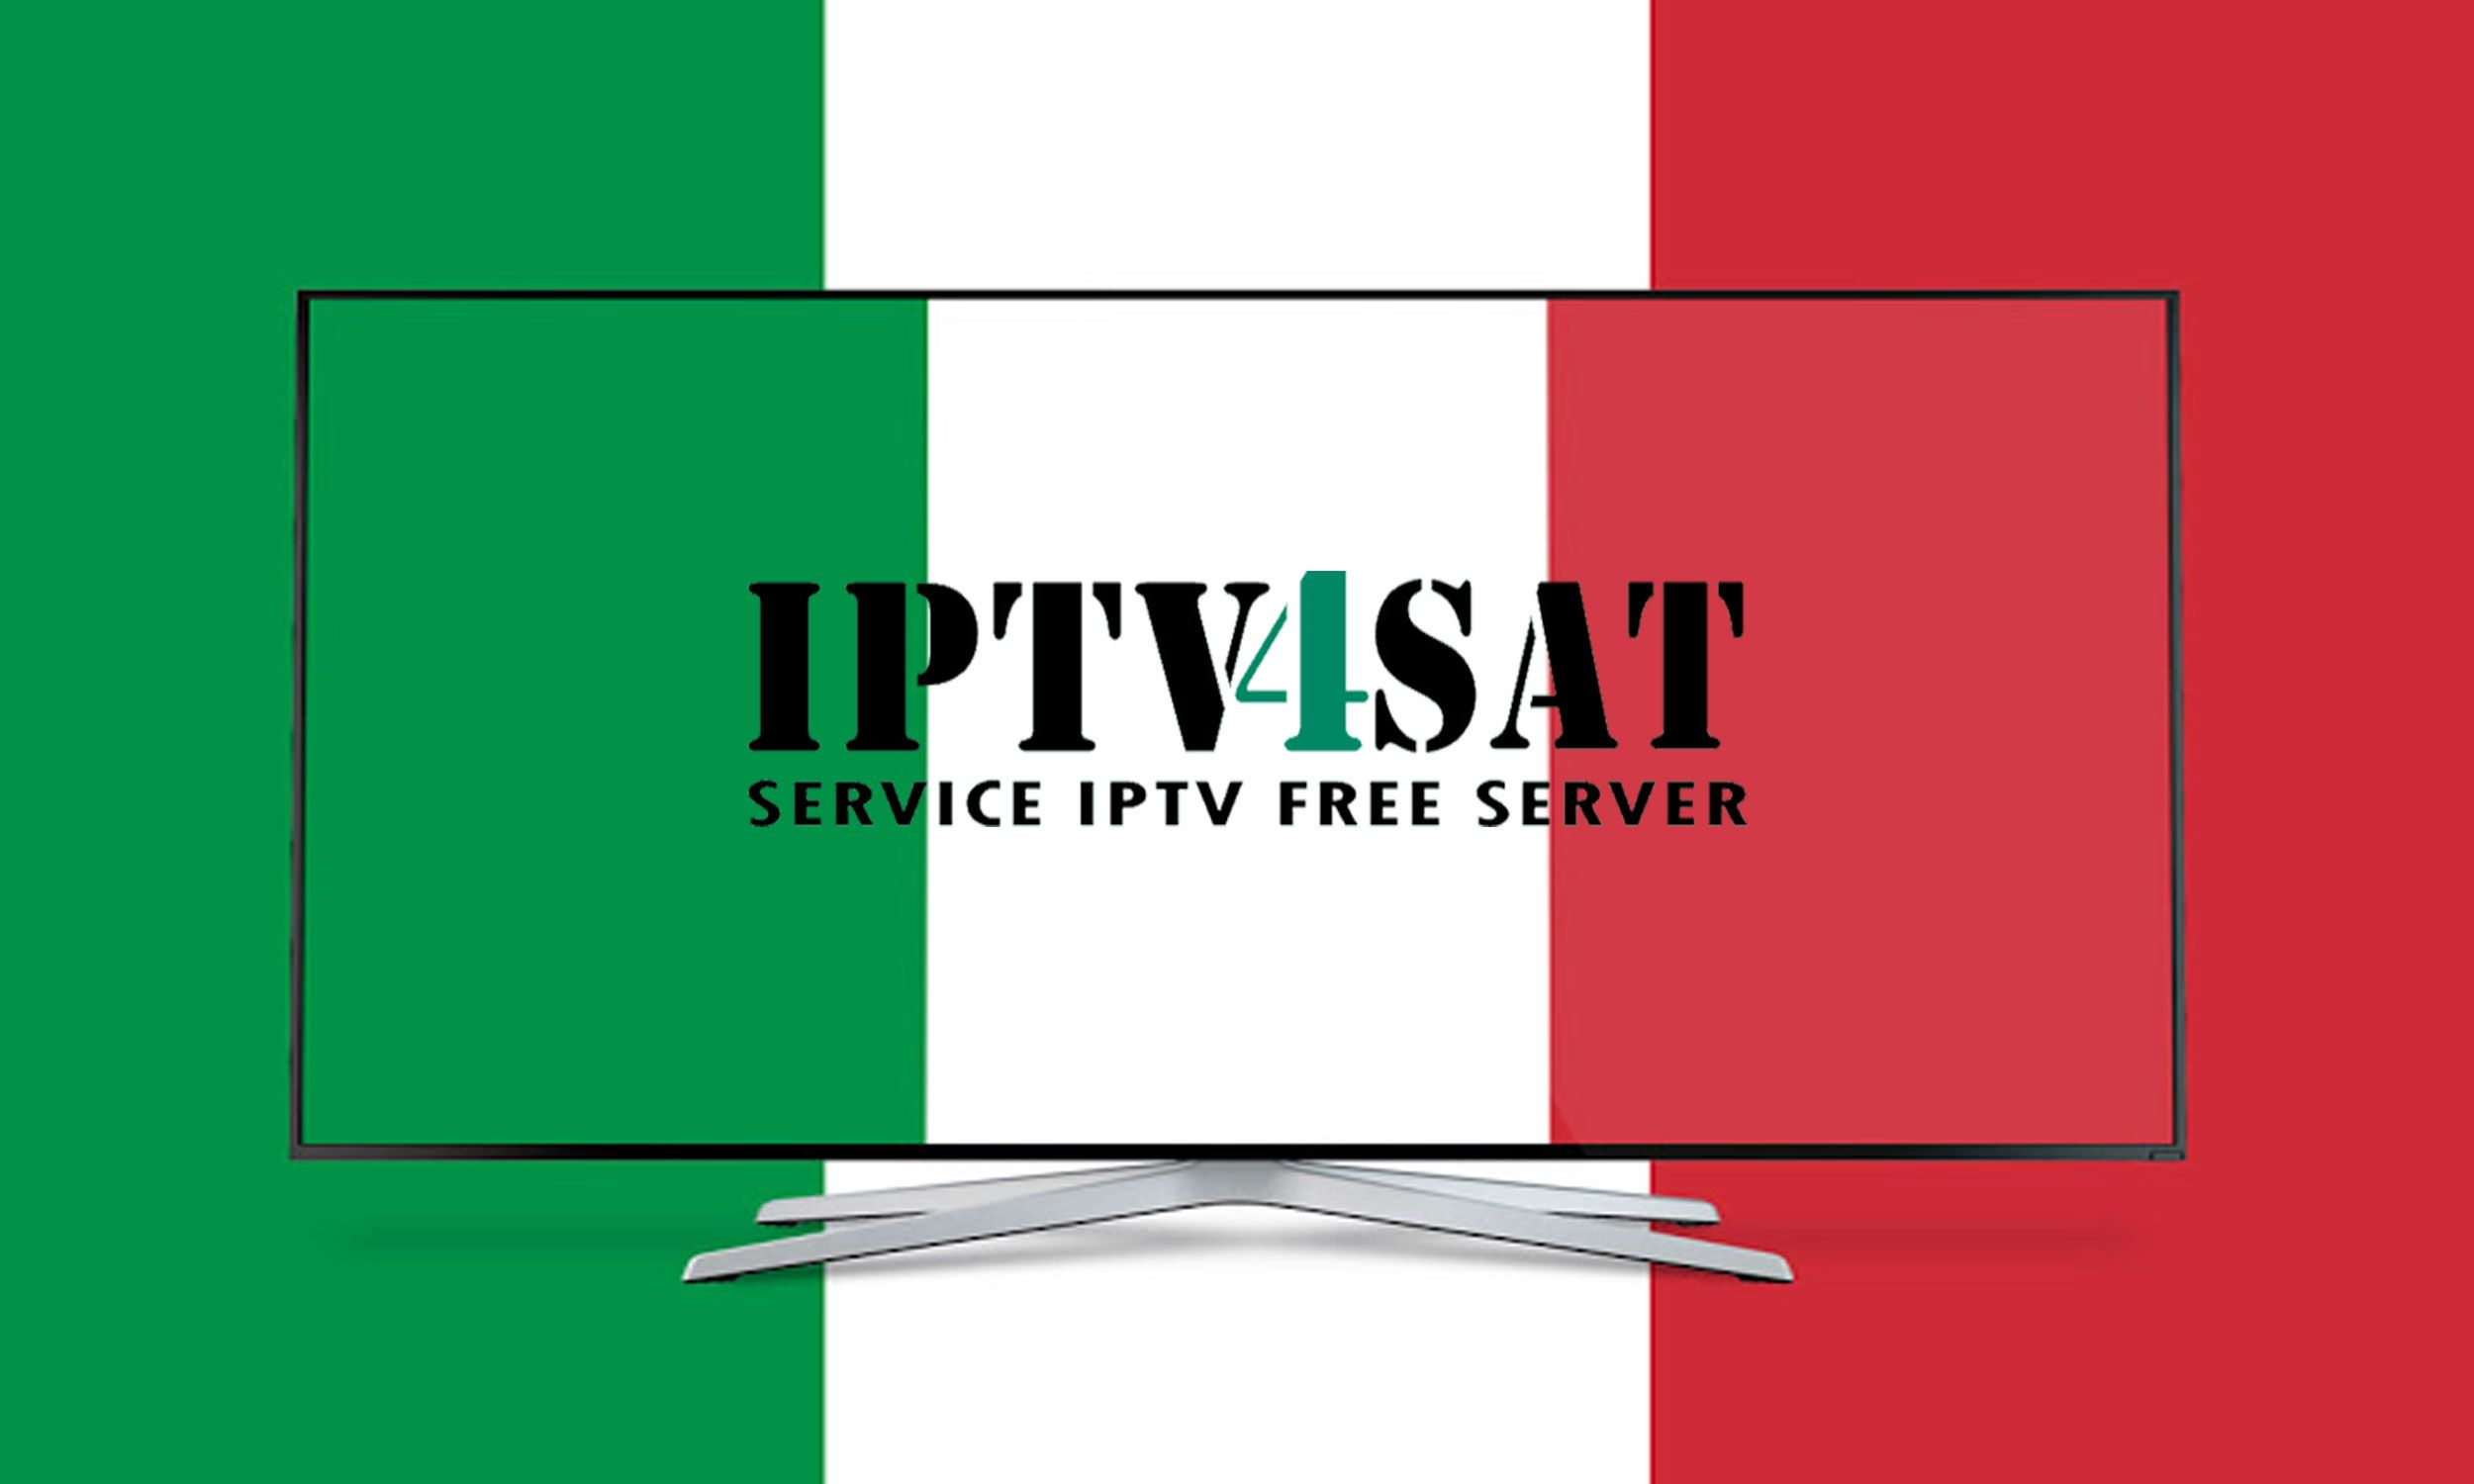 Server Iptv M3u Italia Free Playlist 24/12/2018 | free iptv